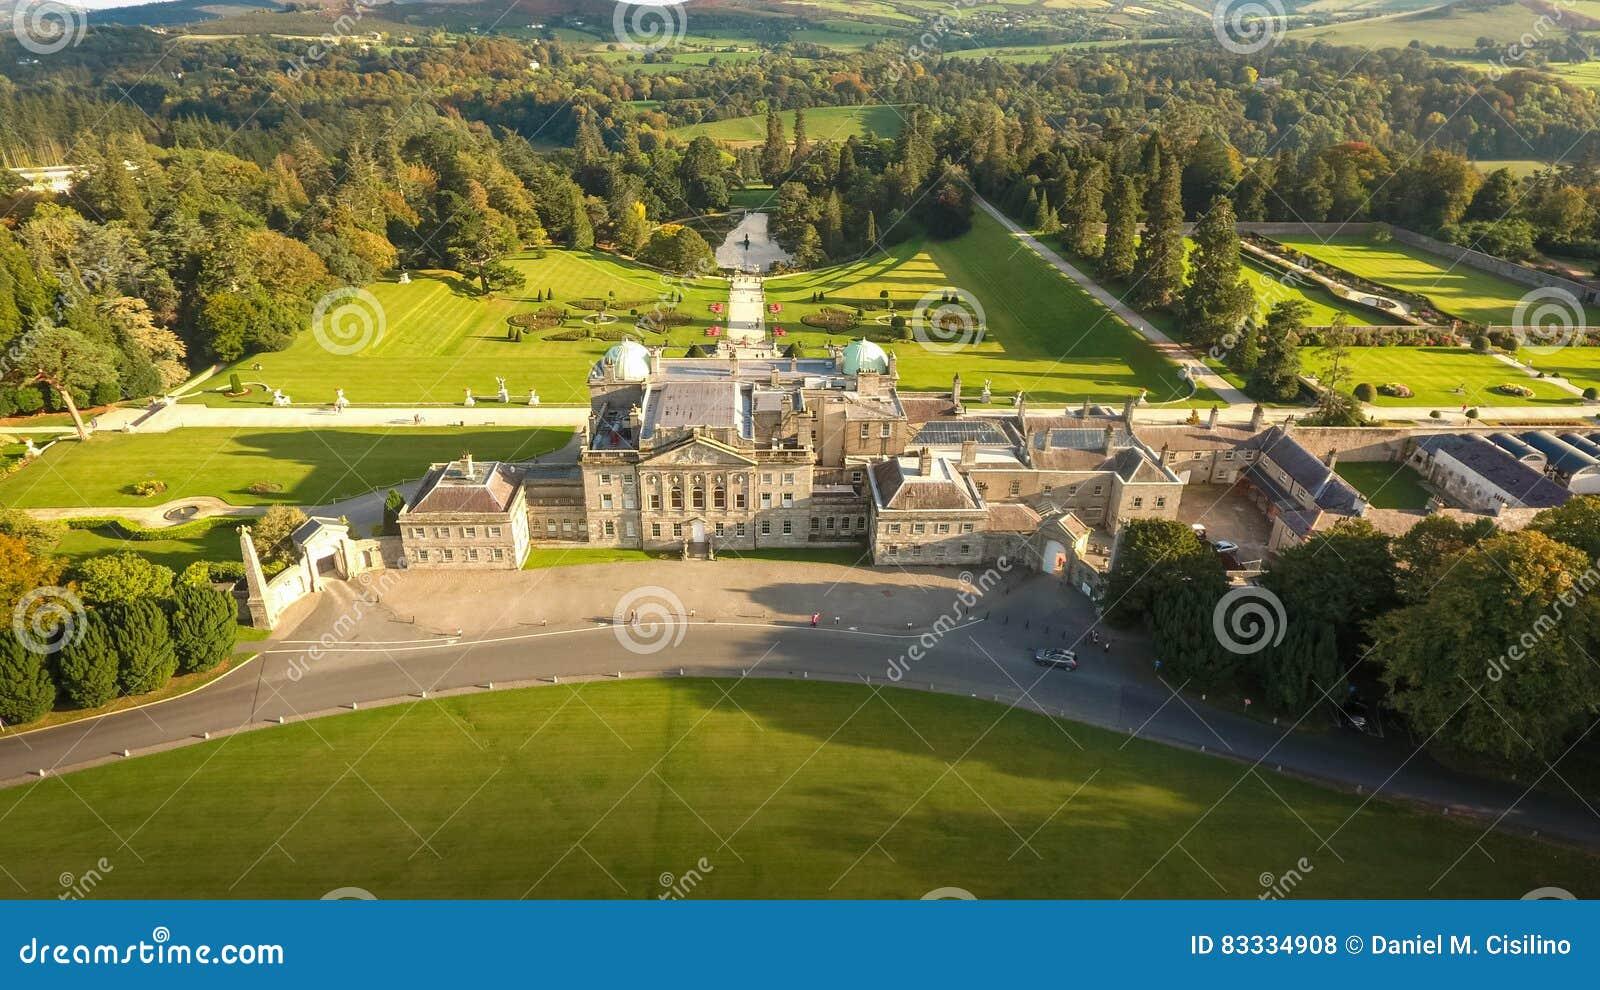 Aerial view. Powerscourt gardens. Wicklow. Ireland